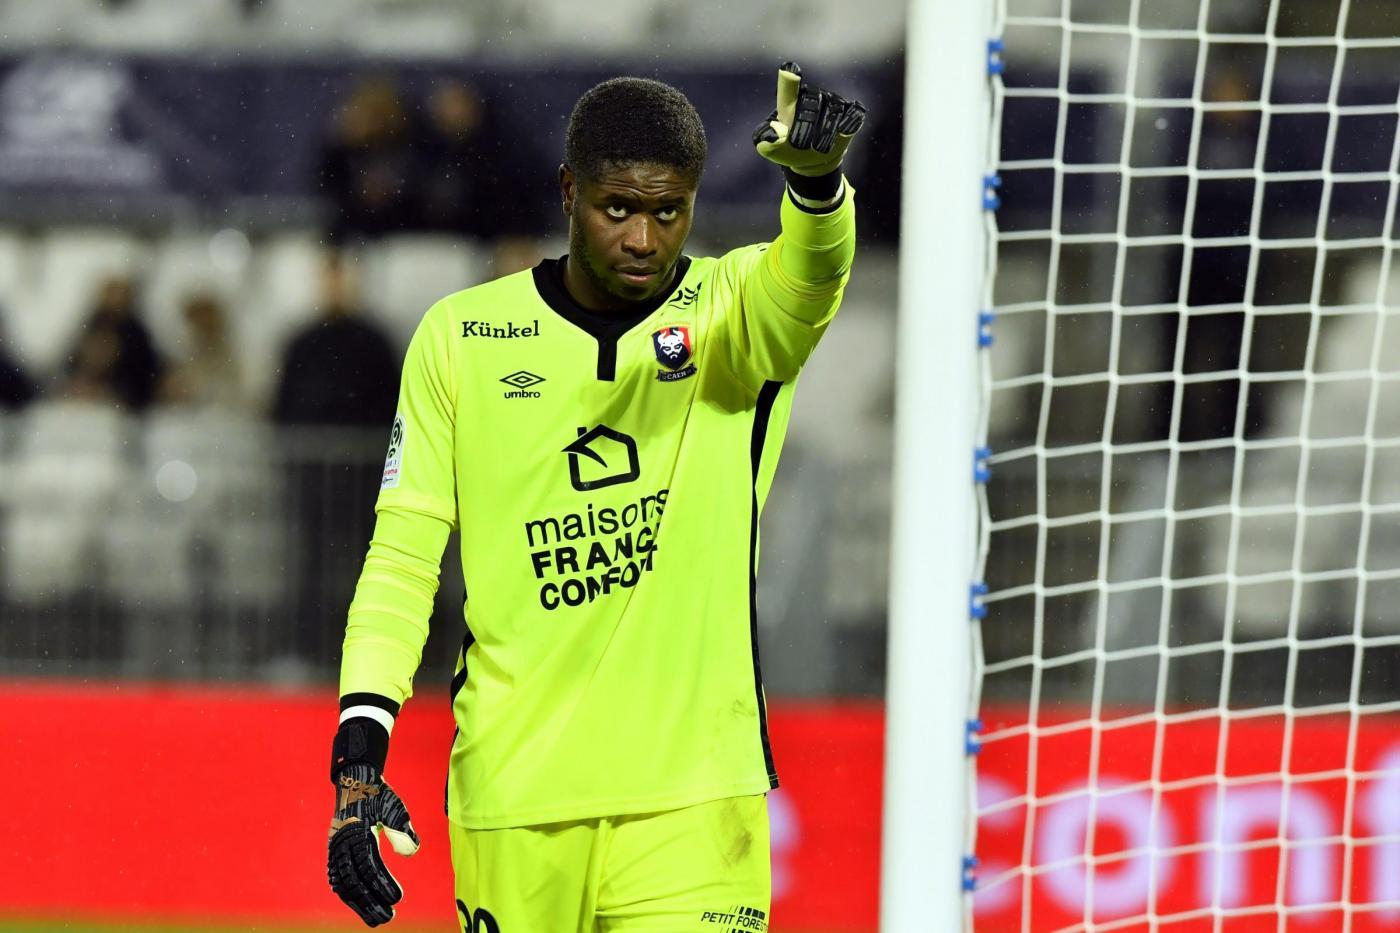 Caen-Tolosa 18 dicembre: si gioca per la 18 esima giornata della Serie A francese. Ospiti favoriti in questa sfida per la salvezza.